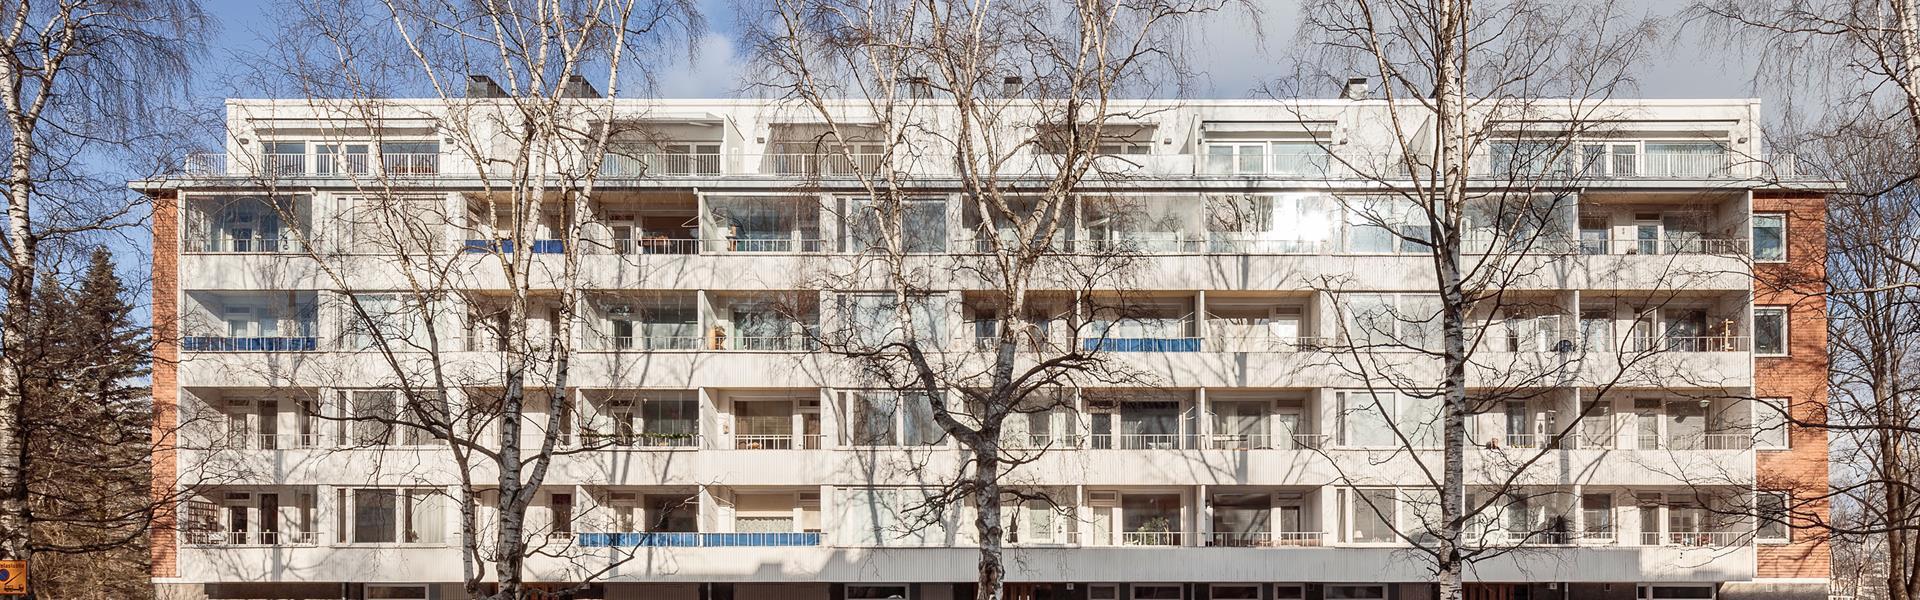 Helsingin Rakuunatien asuintaloon puusta rakennettu lisäkerros. Kuva: Metsä Wood